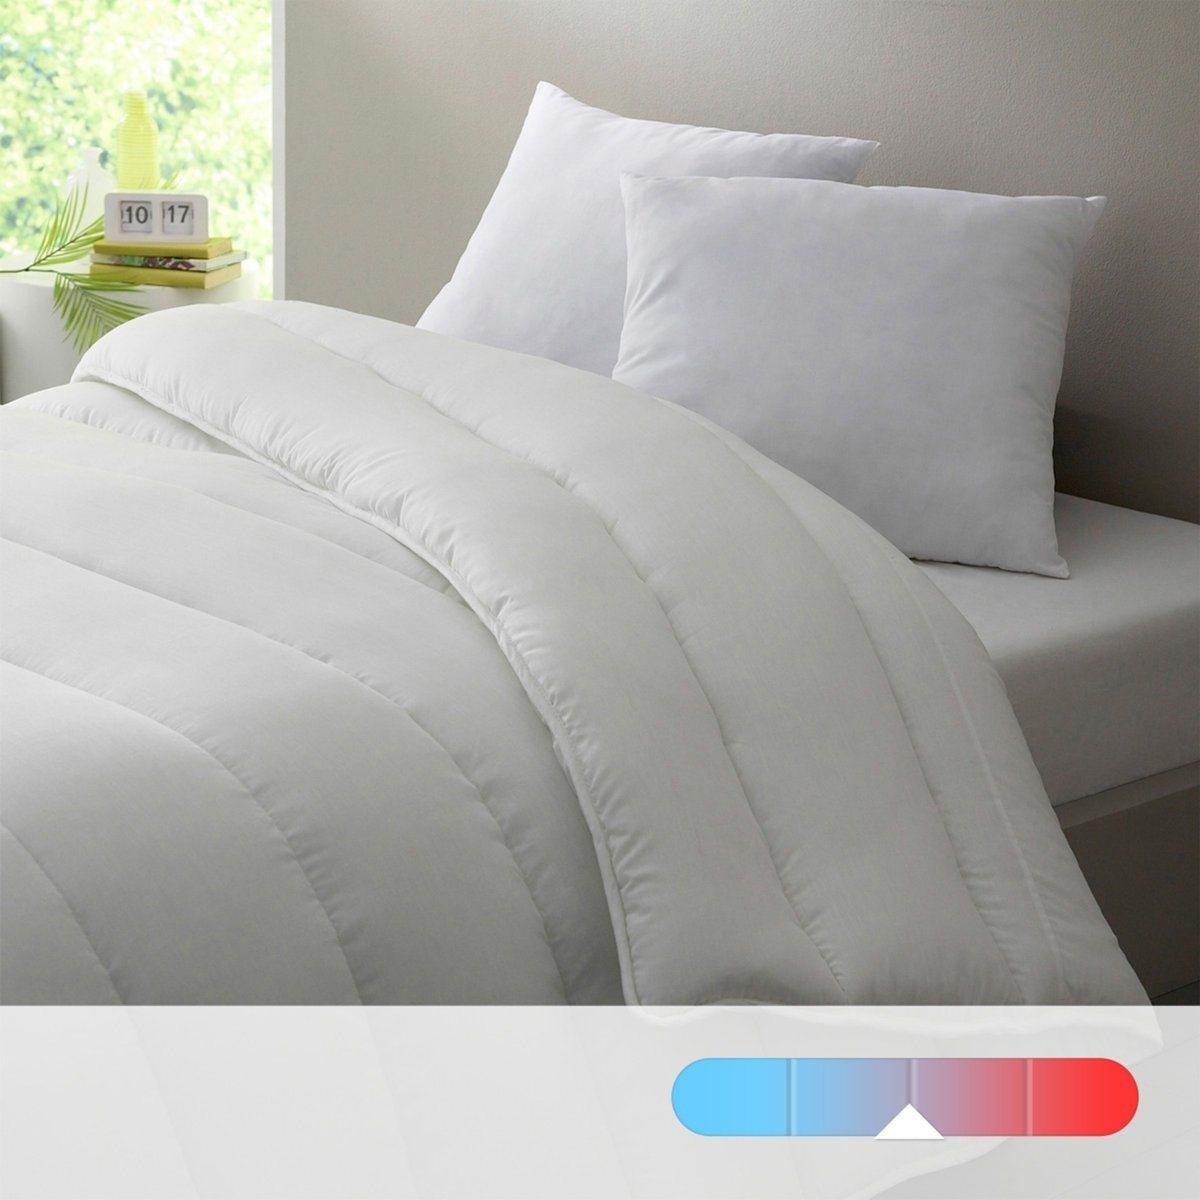 Одеяло 300 г/м², 100% полиэстер, подвергнутый САНИТАРНОЙ ОБРАБОТКЕ одеяло luolailin 100